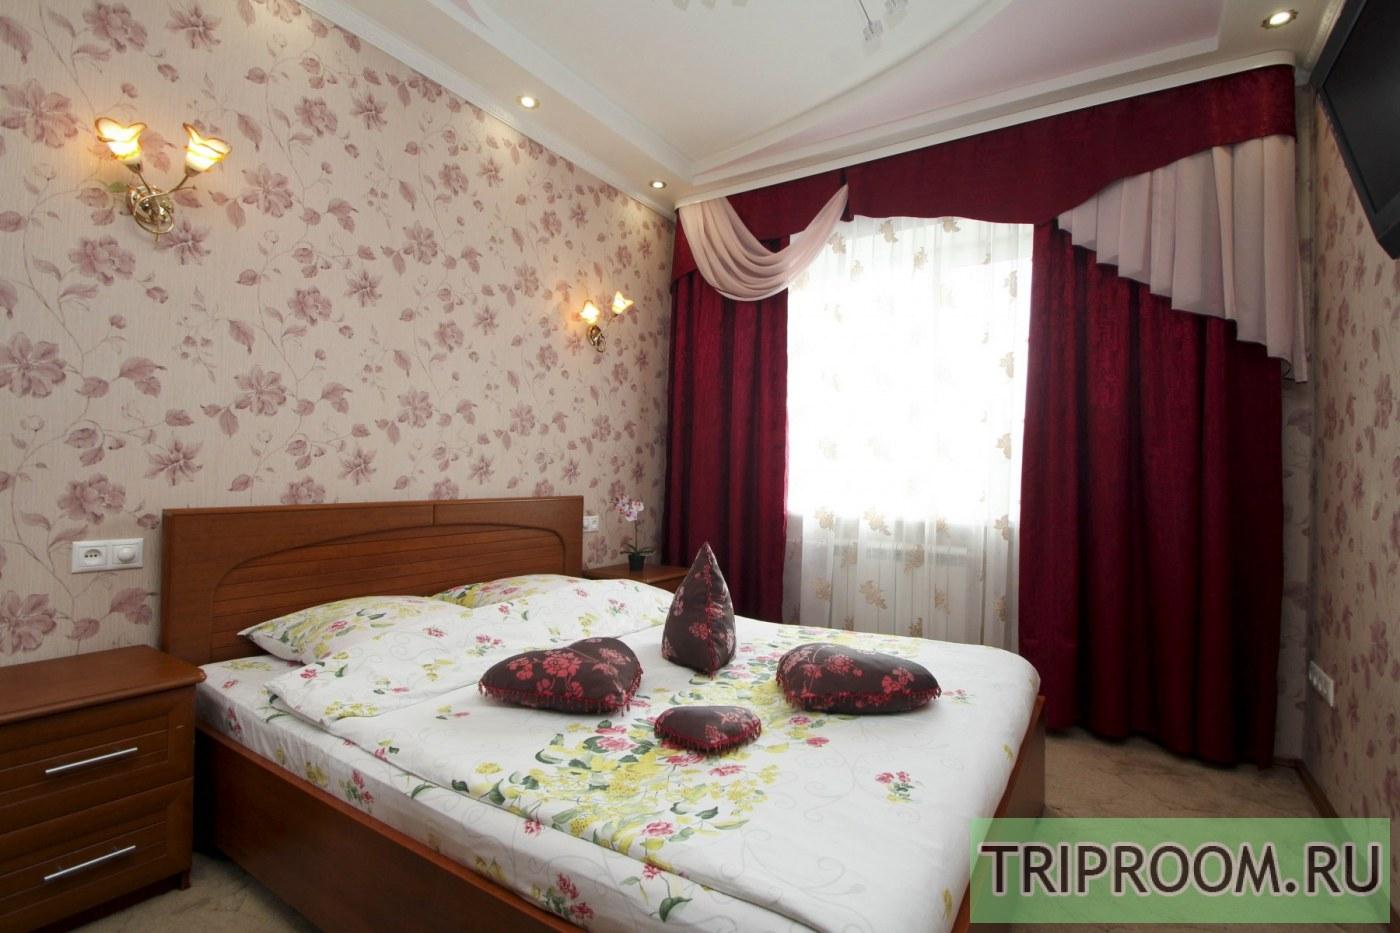 2-комнатная квартира посуточно (вариант № 37514), ул. Дзержинского улица, фото № 9